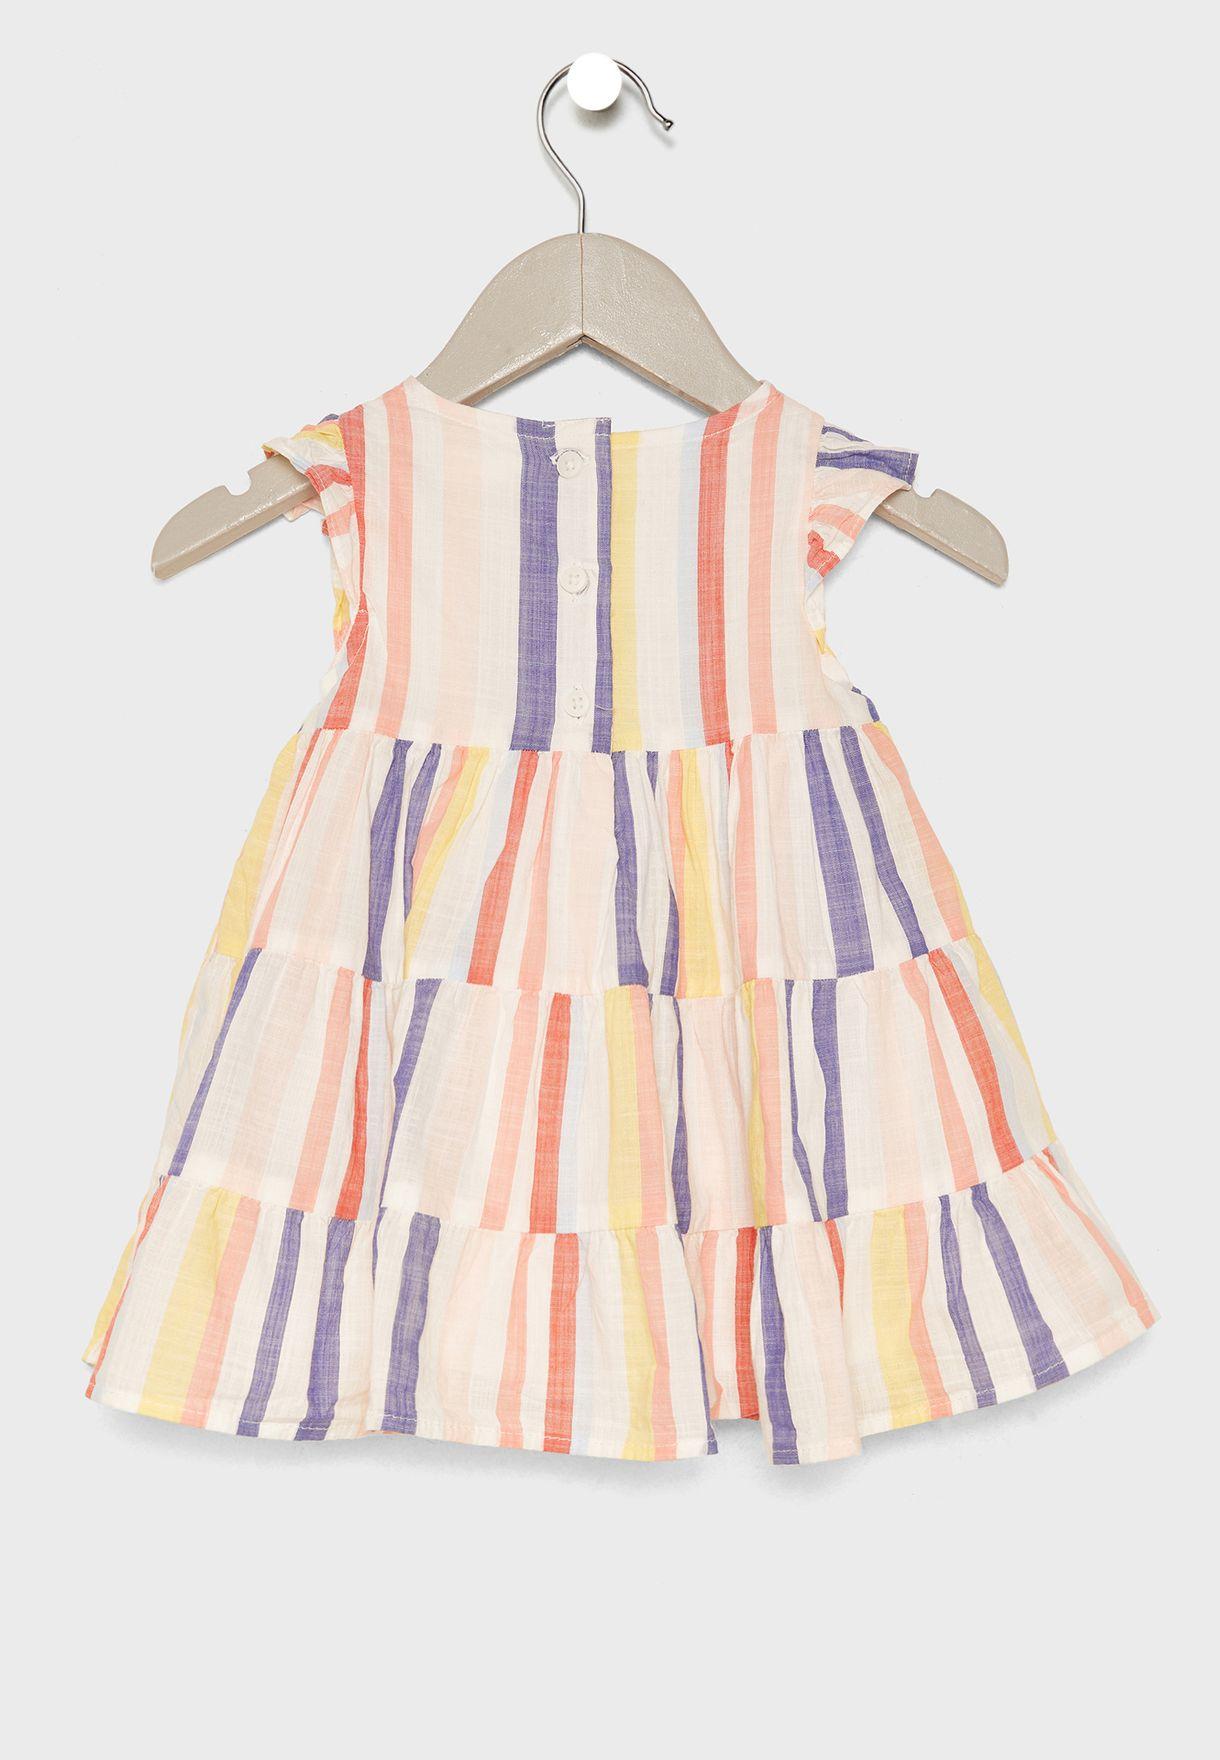 Infant Layered Dress + Shorts Set